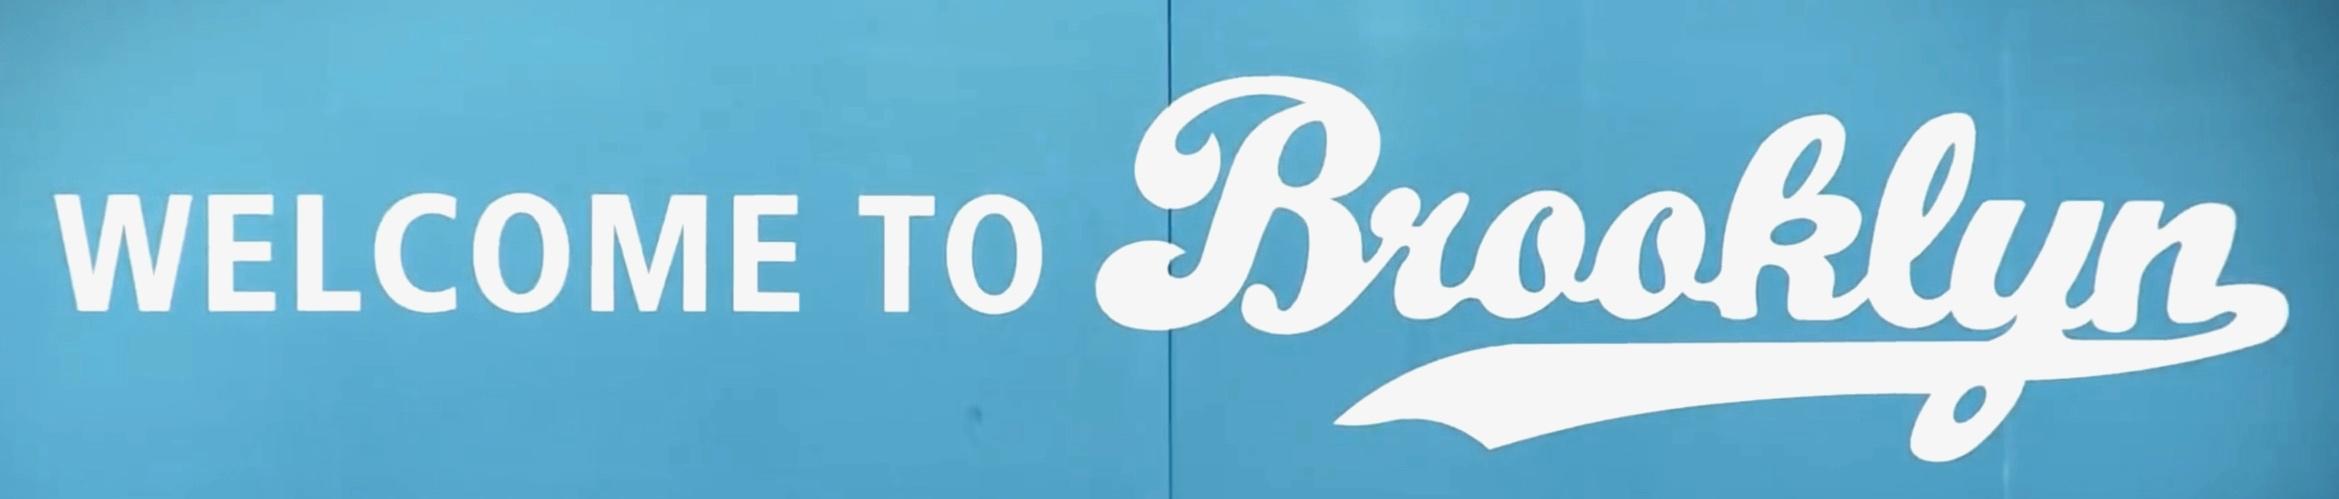 Welcome+to+Brooklyn%21.jpg